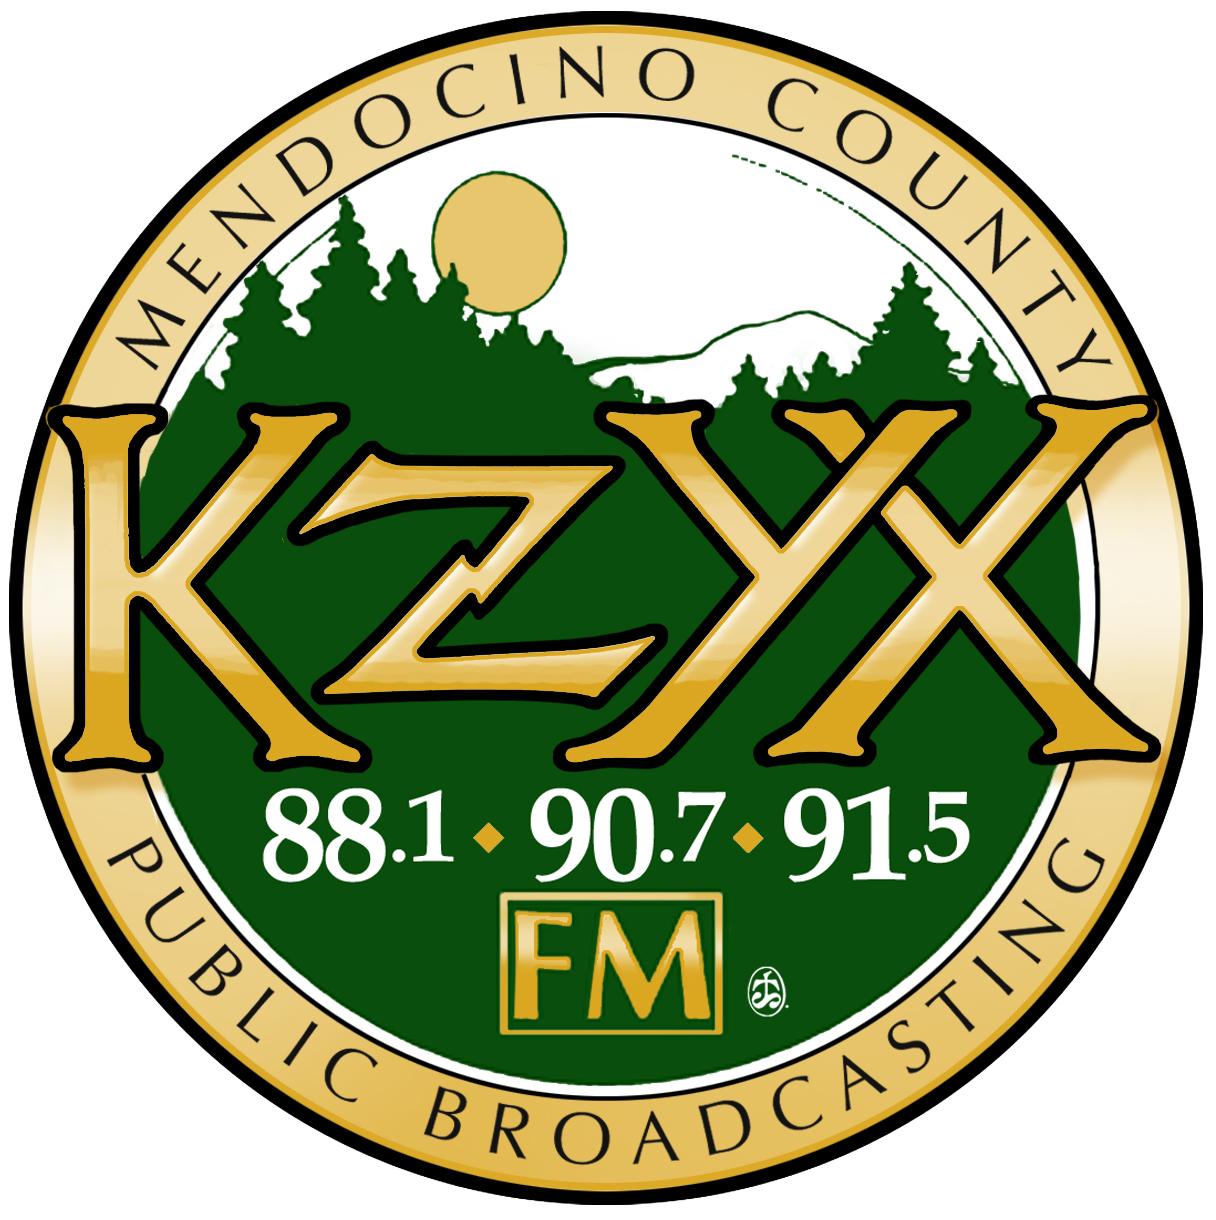 KZYX 88.1 • 90.7 • 91.5 FM - Mendocino County Public Broadcasting